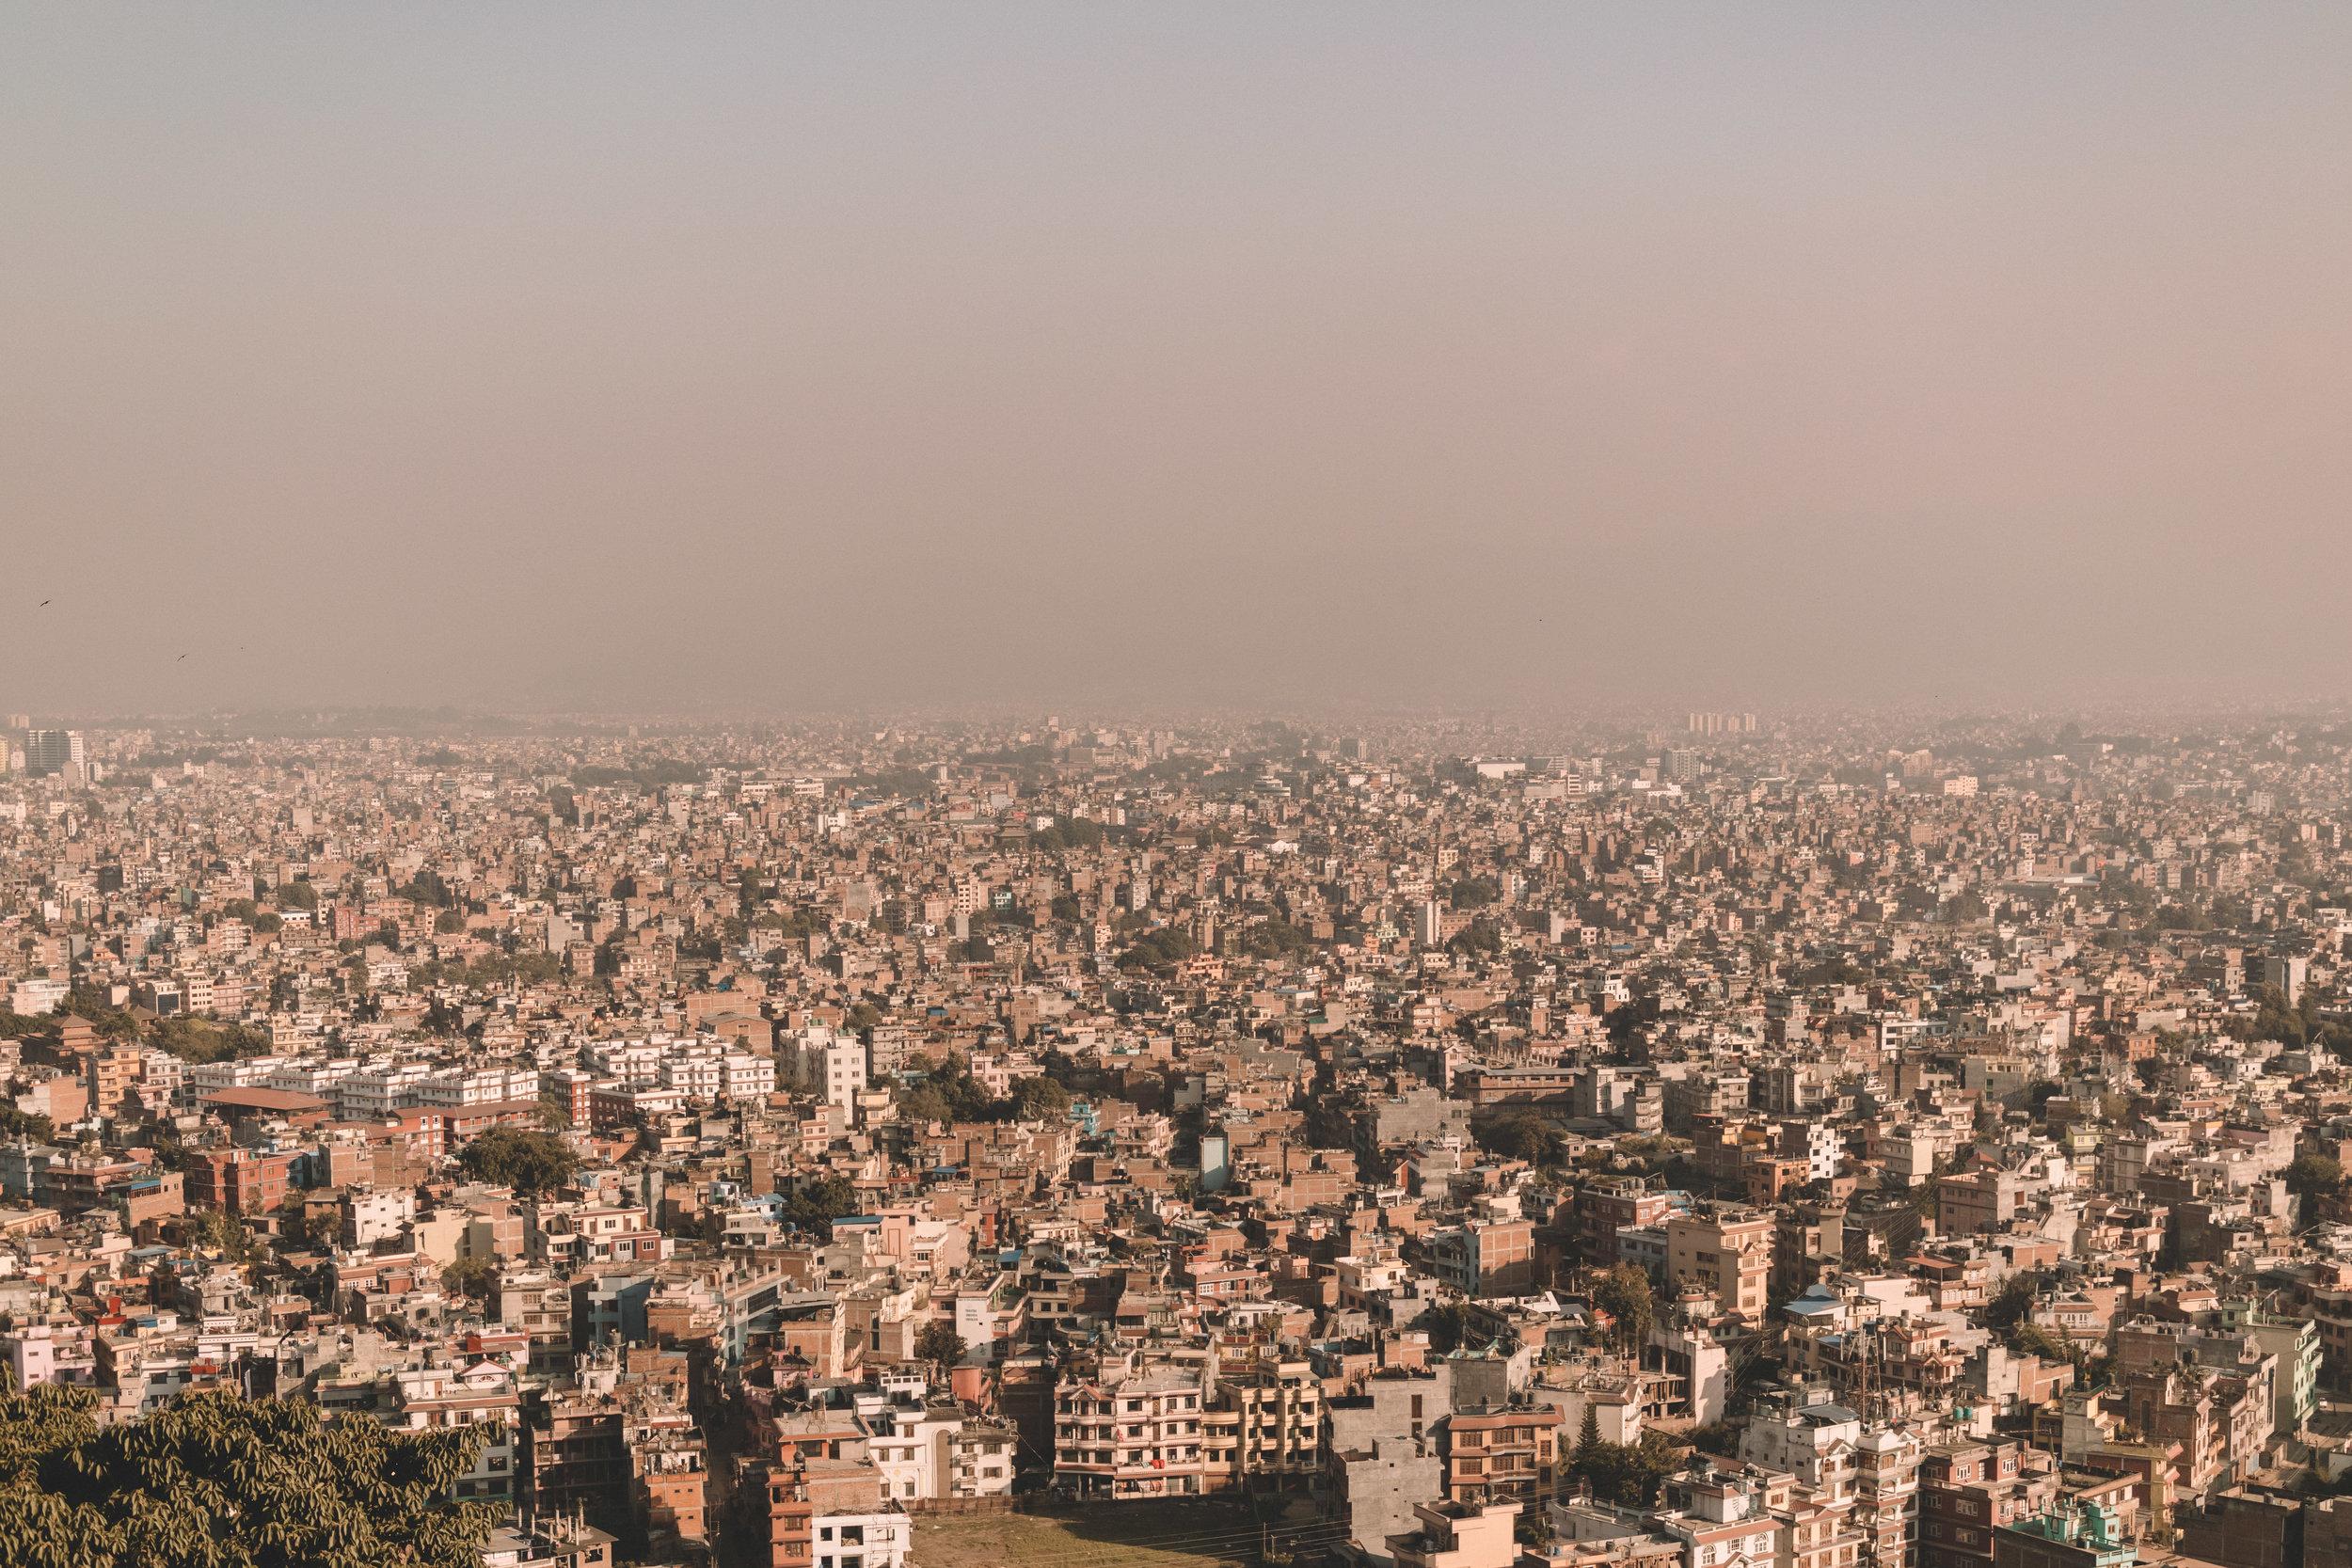 Kathmandu, Nepal - Kathmandu, looking outward from Swayambhunath Temple.